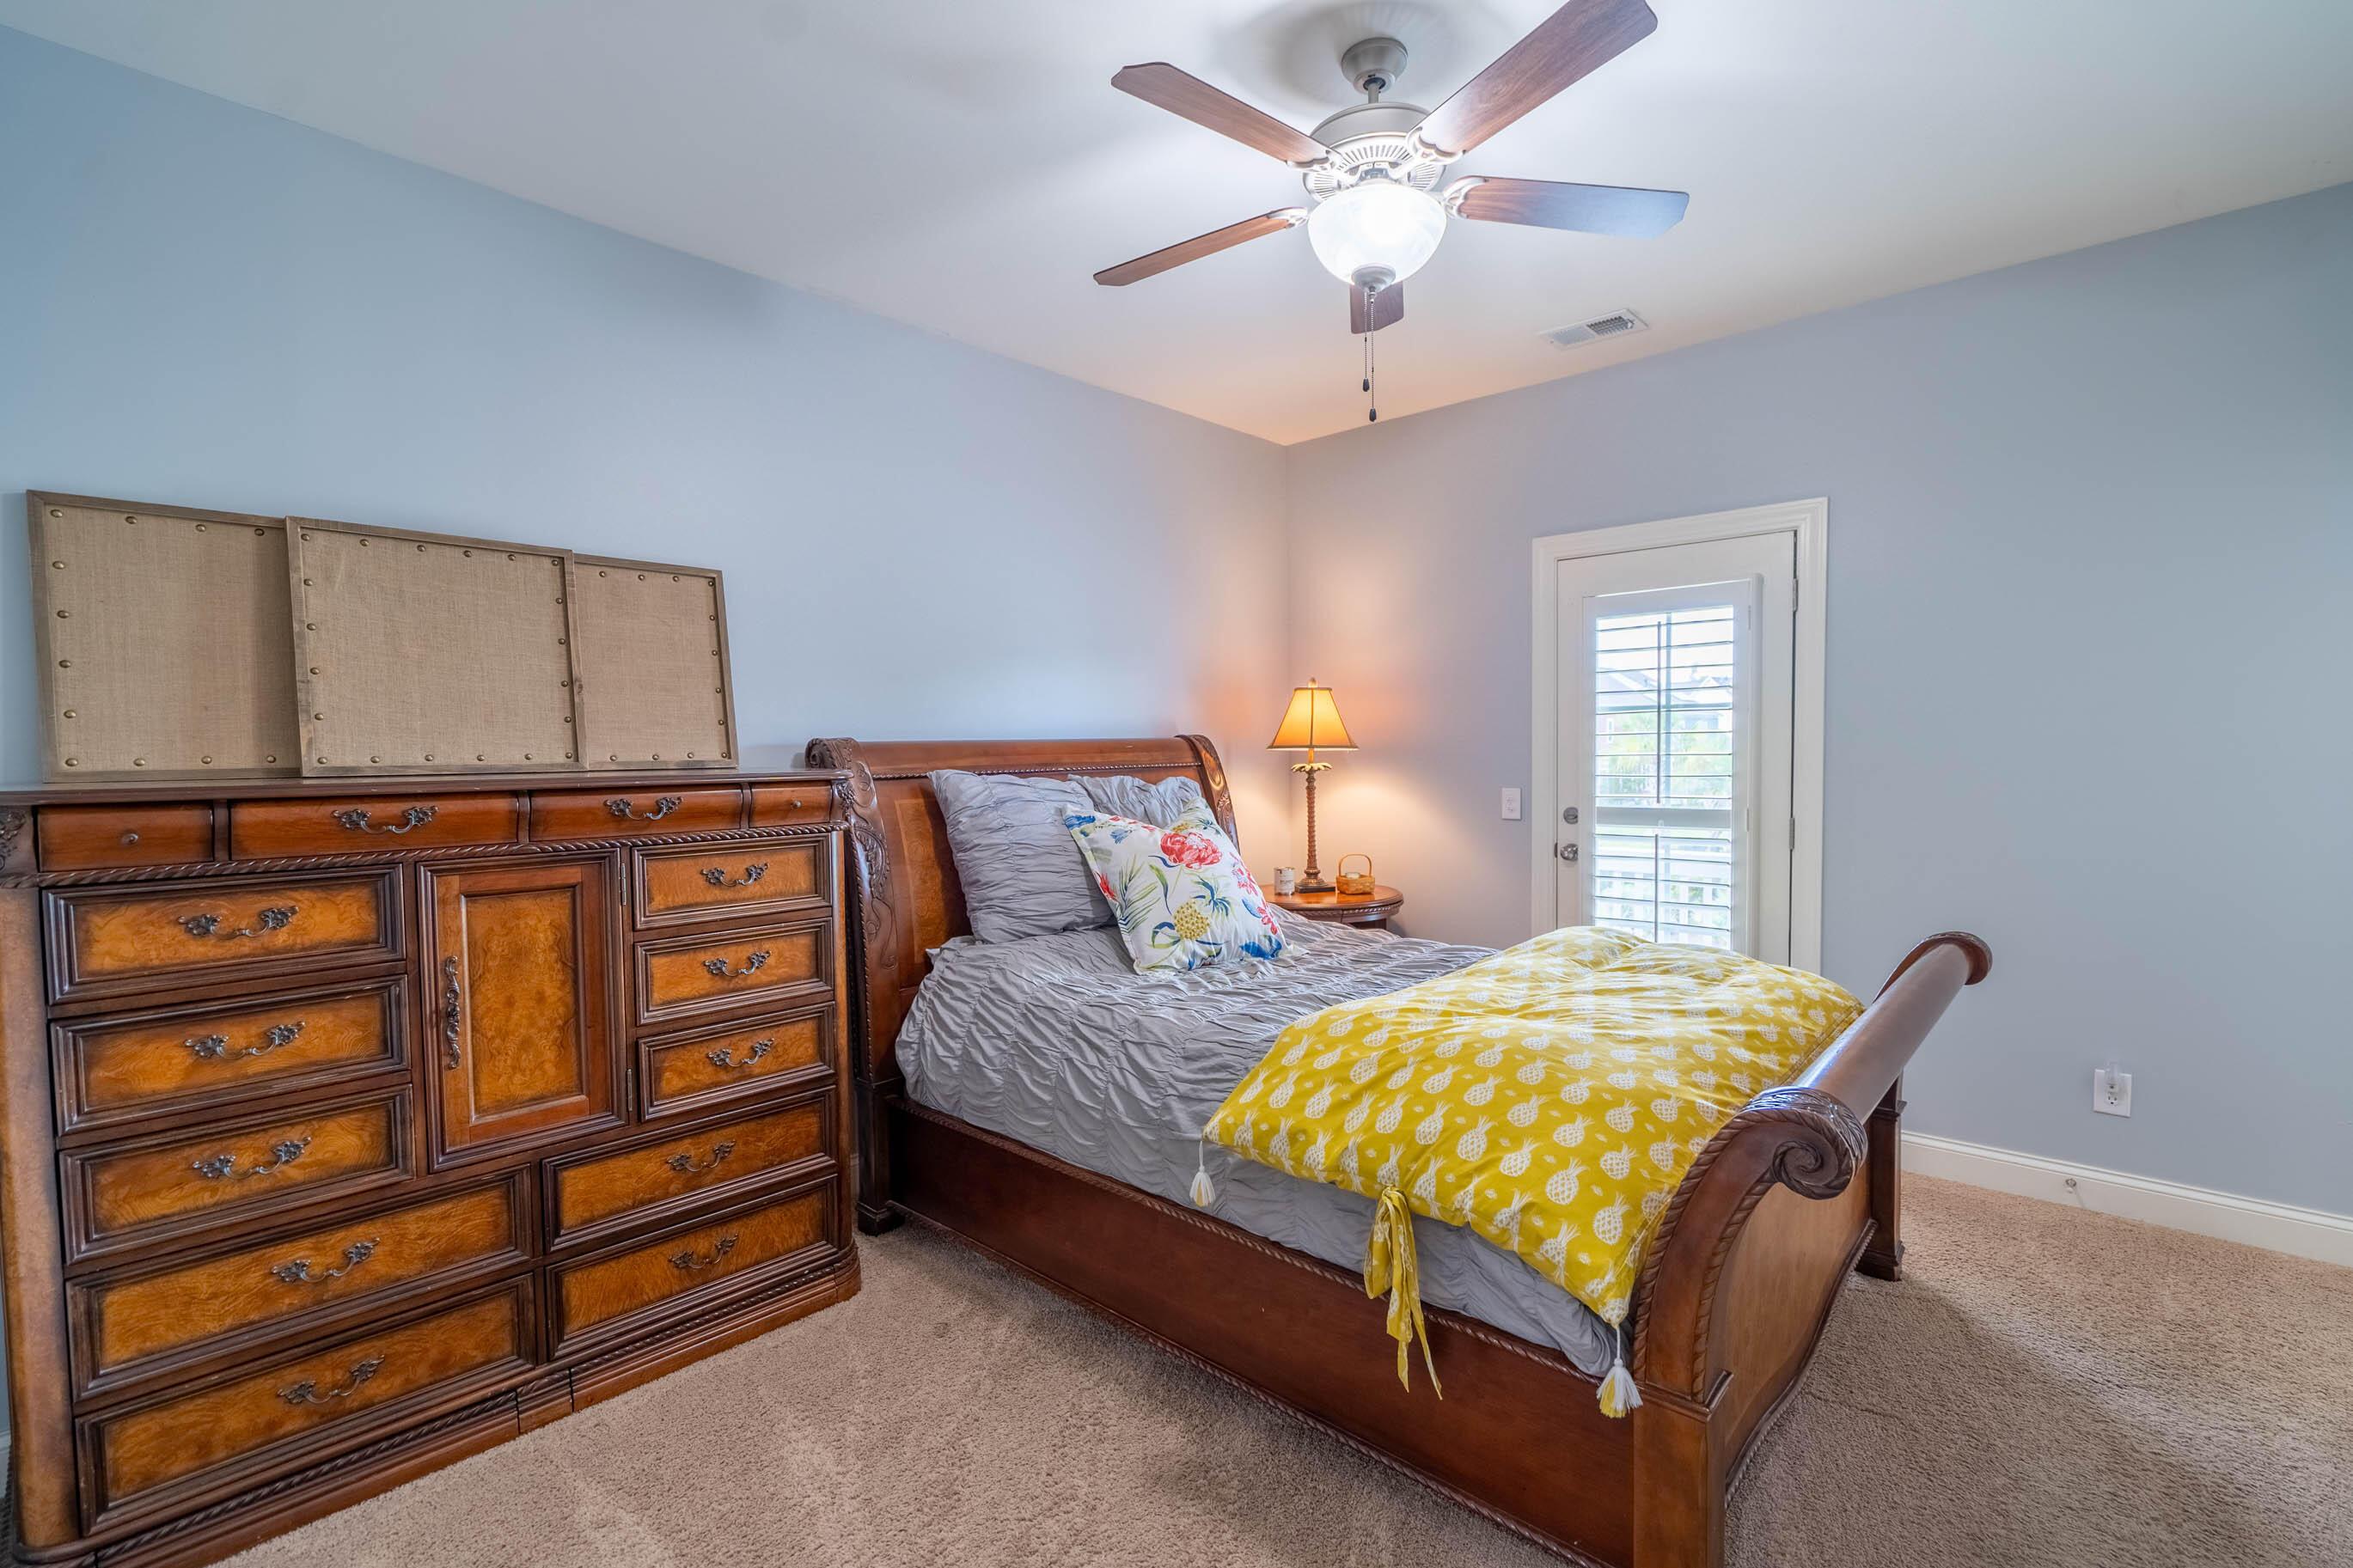 Dunes West Homes For Sale - 2997 Sturbridge, Mount Pleasant, SC - 37